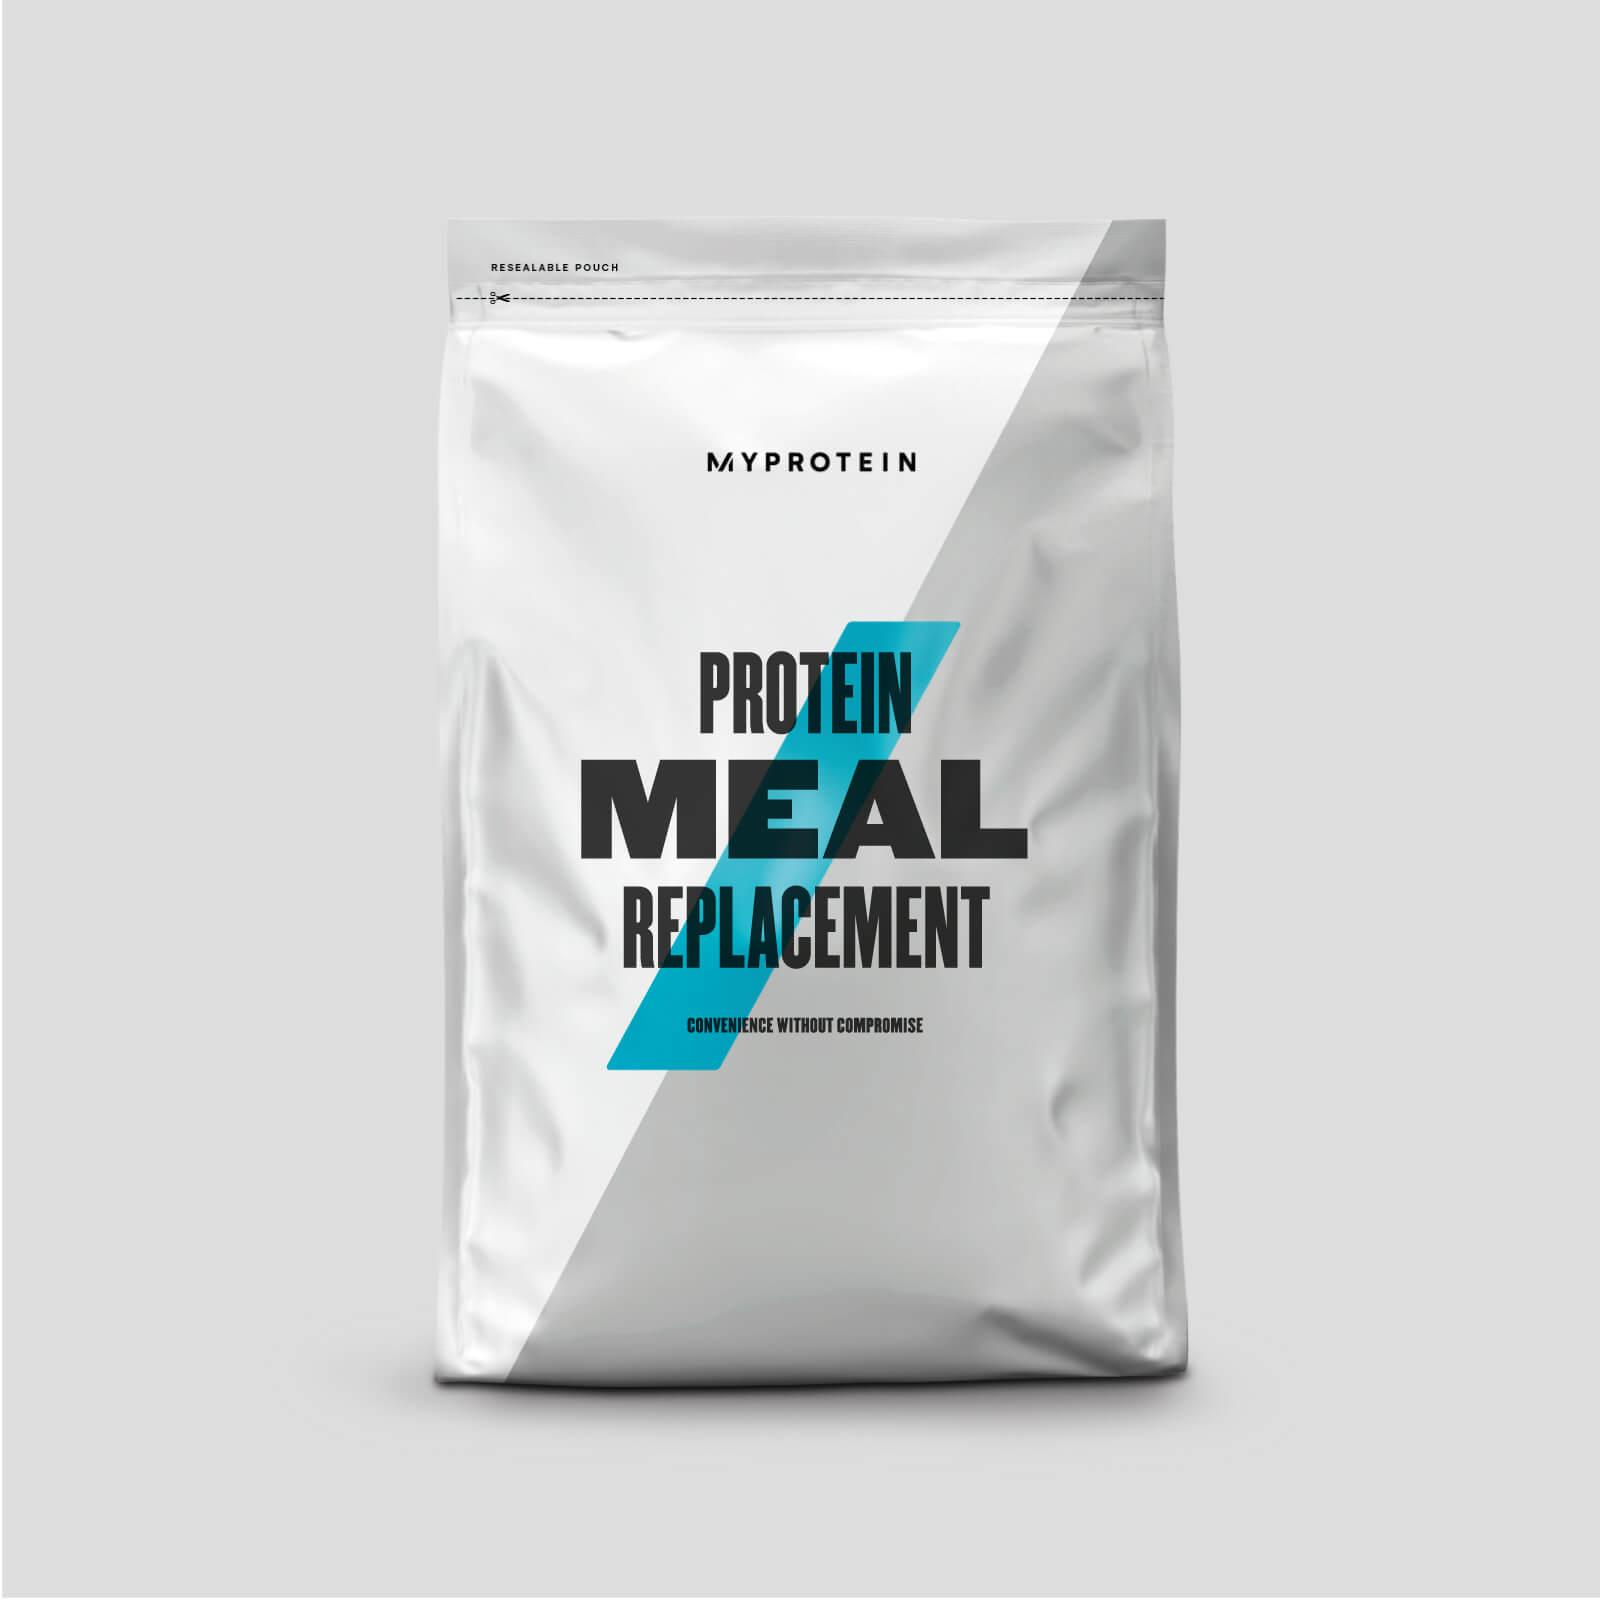 Myprotein Substitut de repas protéiné - 500g - Fraise